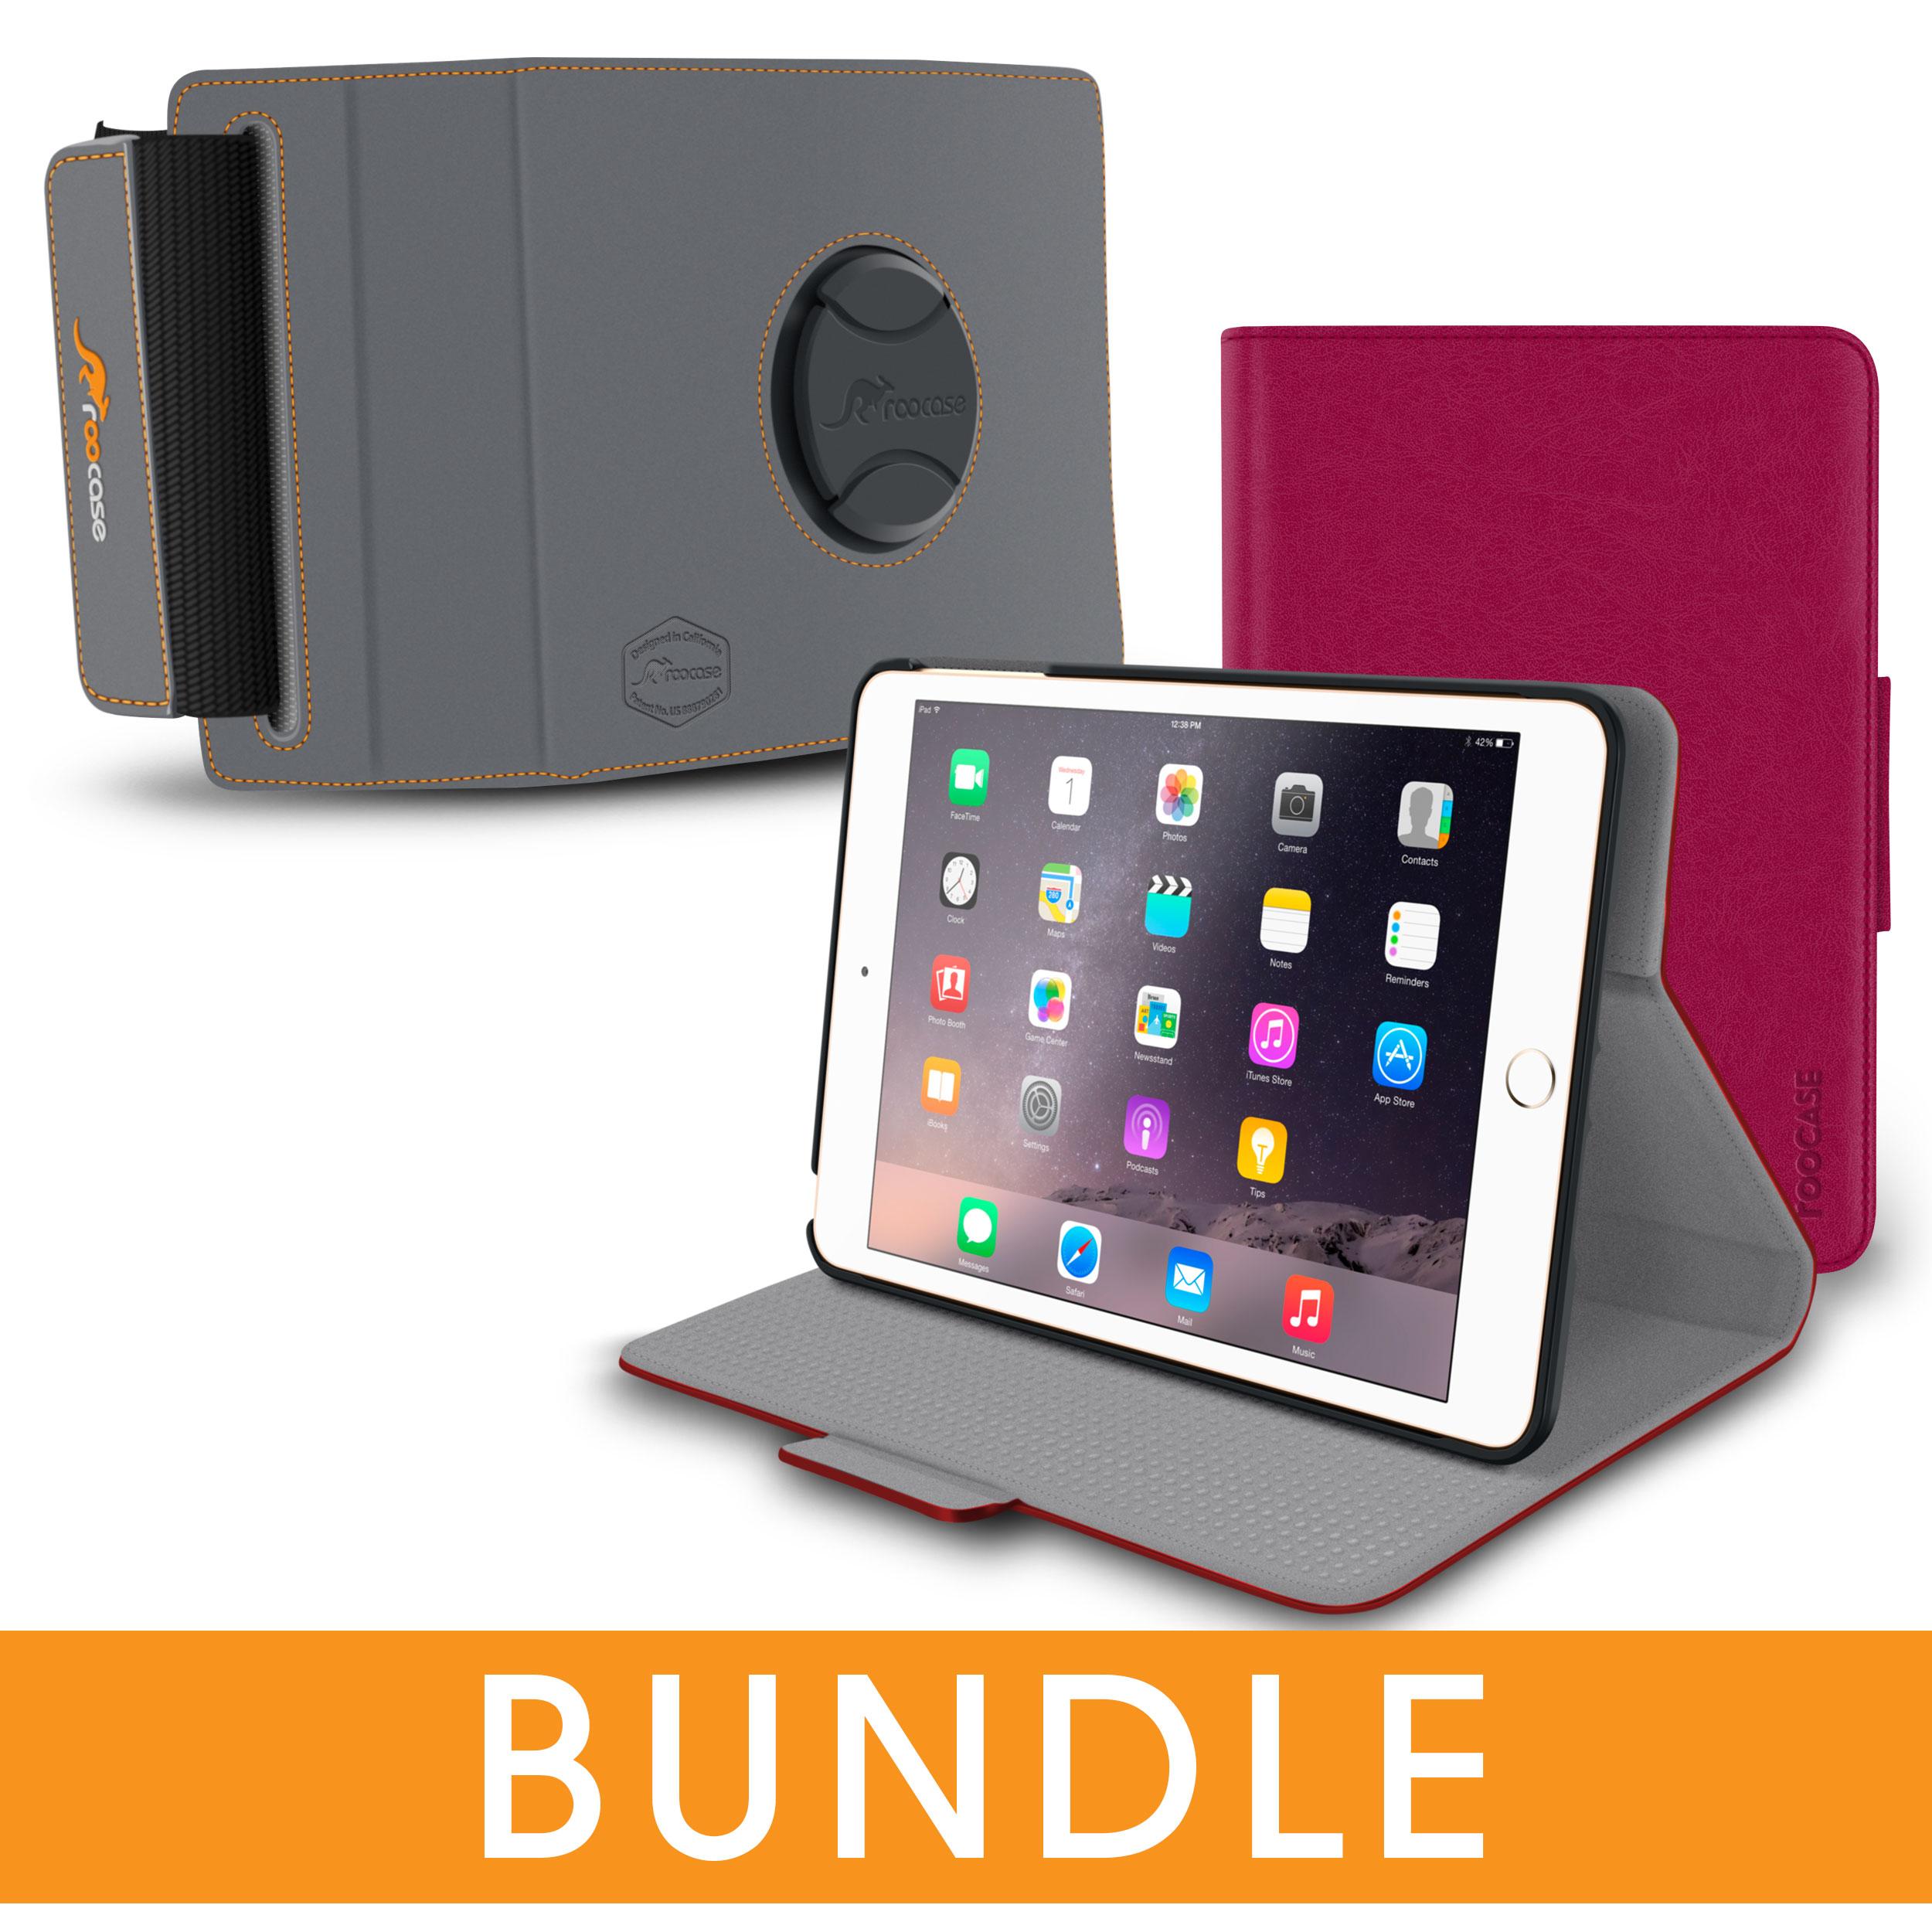 iPad Mini 3 2 1 Case, rooCASE Orb Folio 360 Rotating Leat...